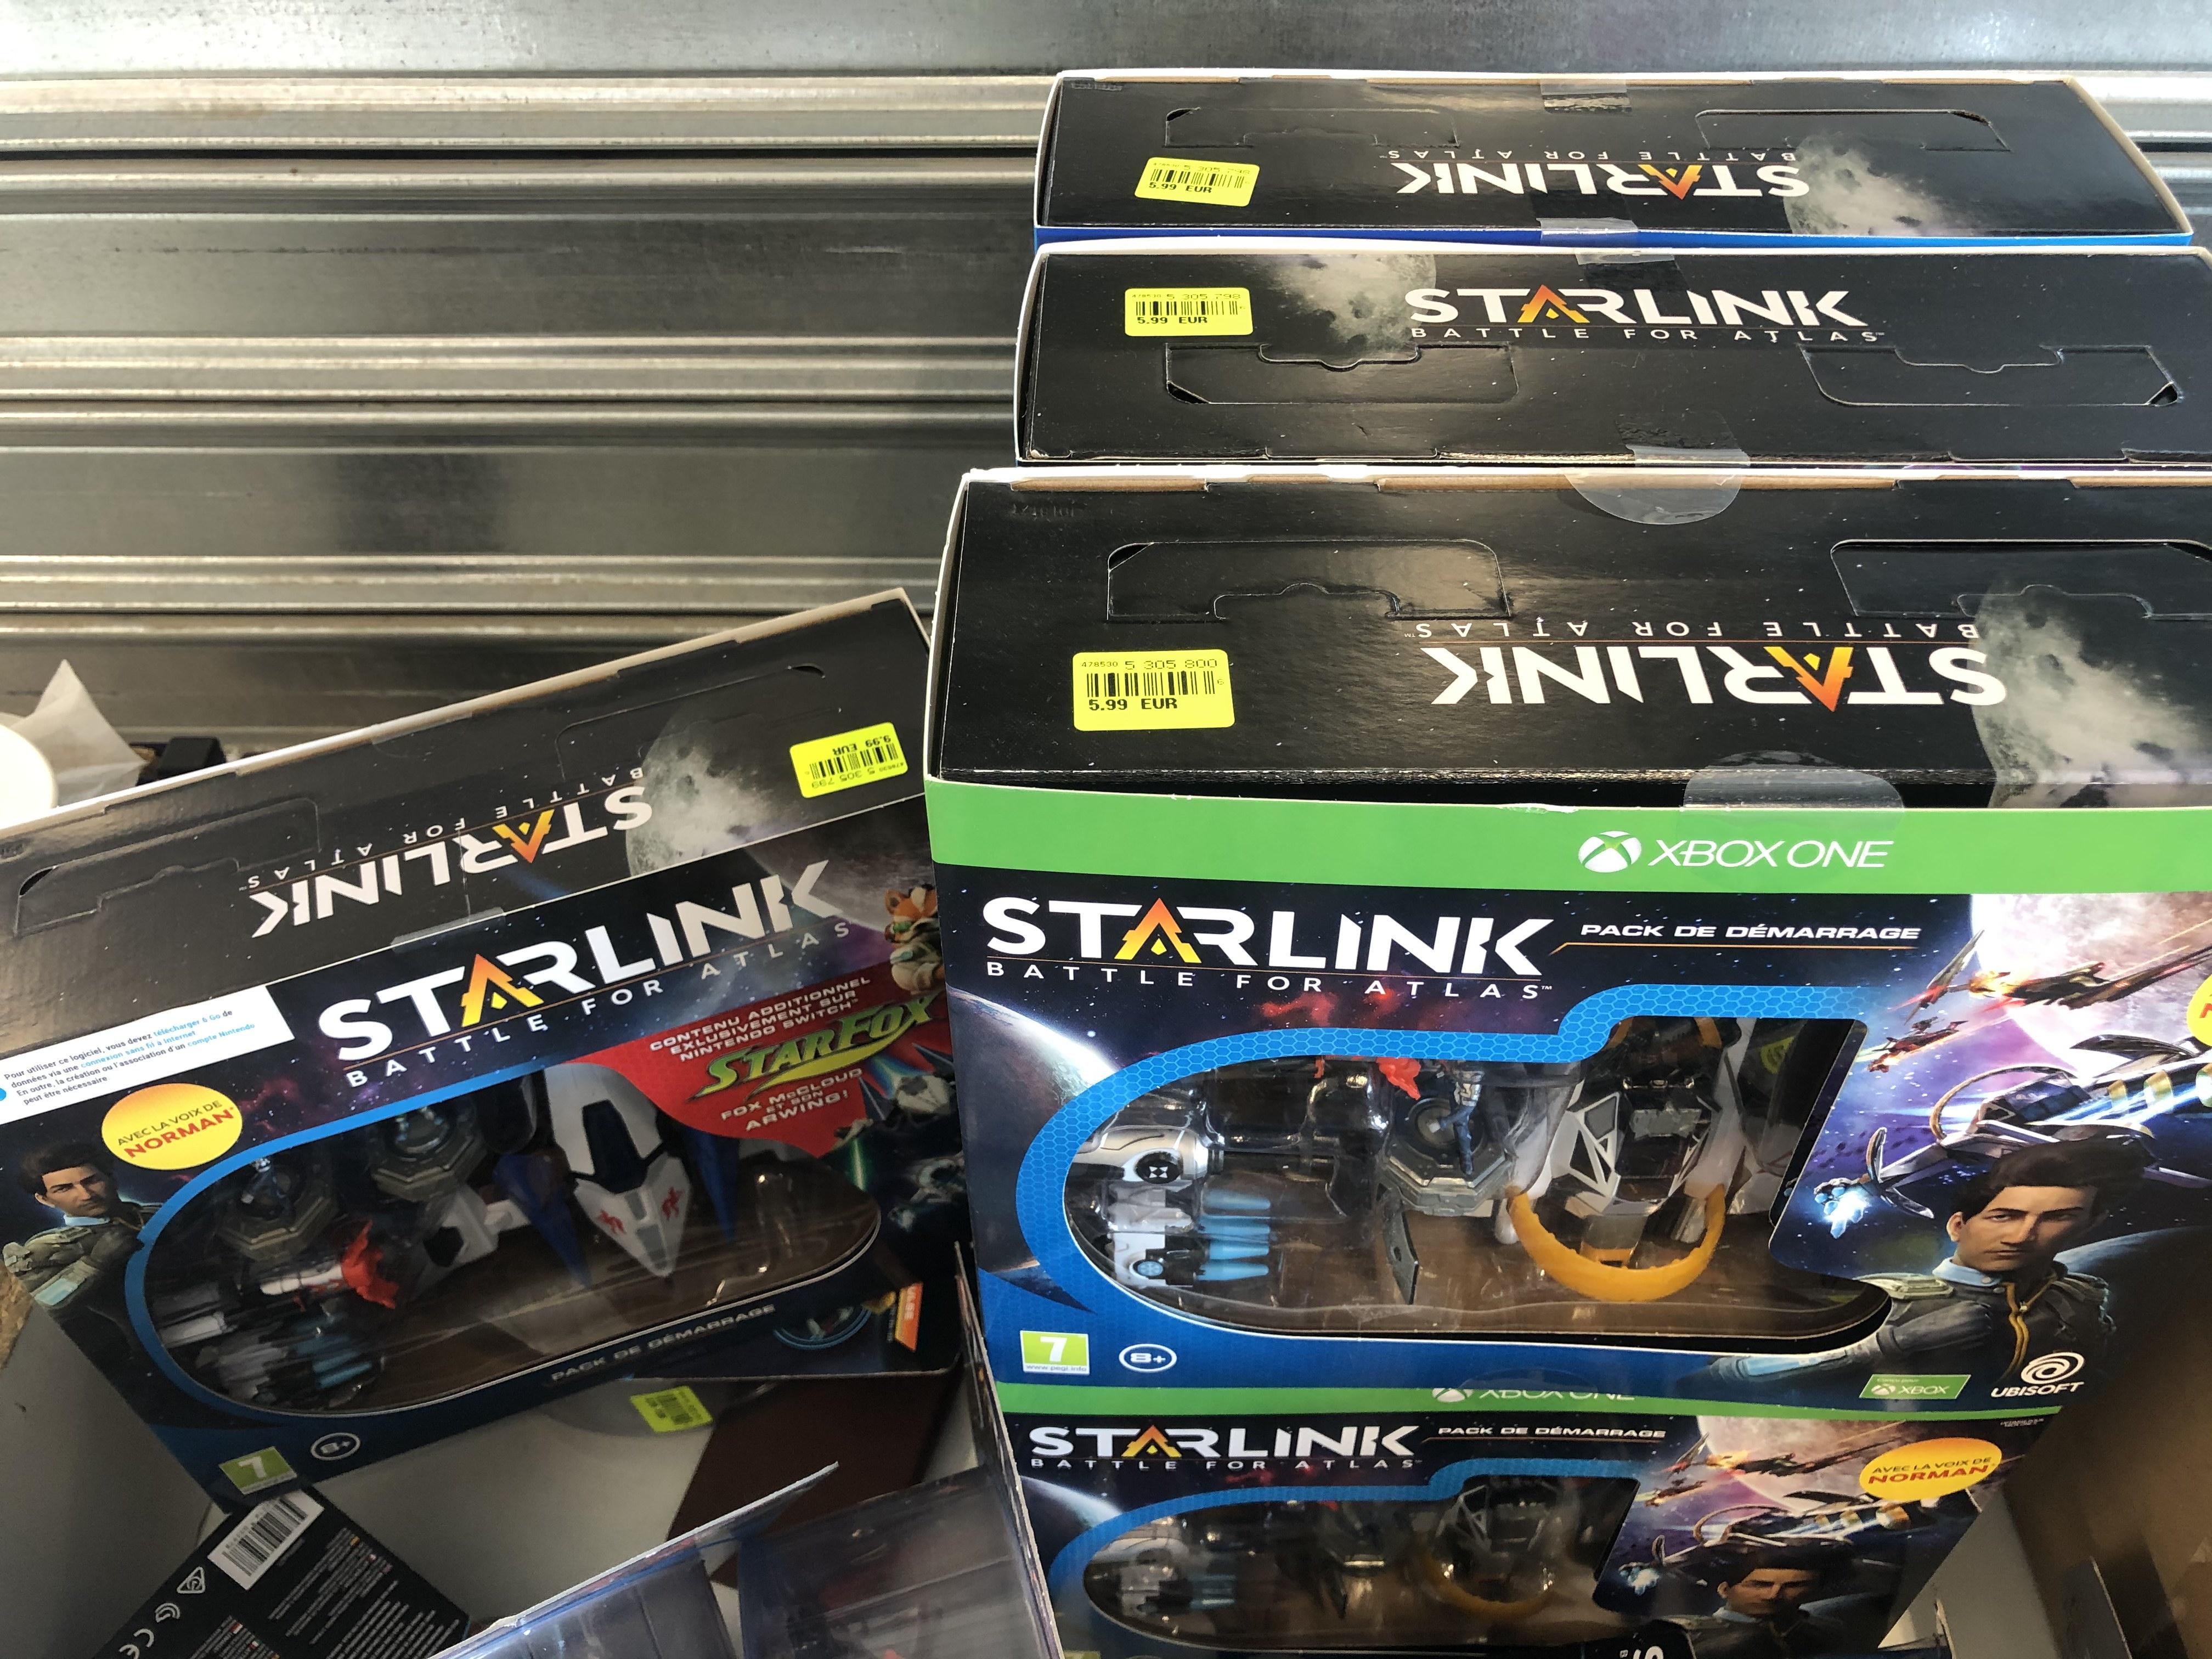 Pack de démarrage Starlink : Battle for Atlas sur PS4 ou Xbox One (L'Ain 01)